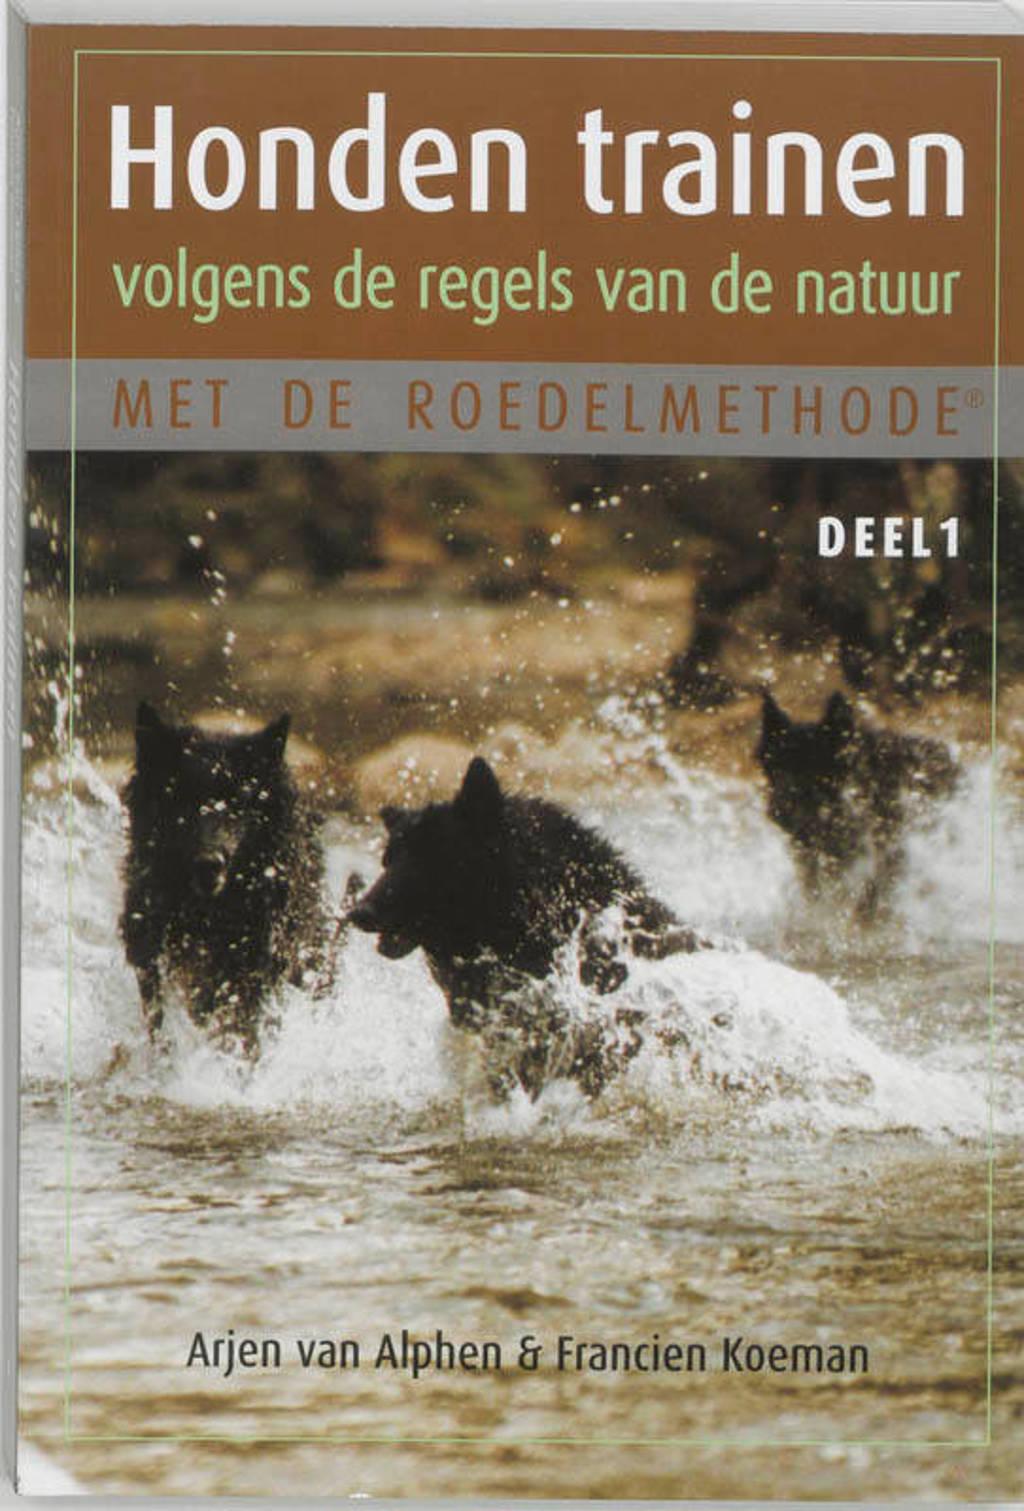 Honden trainen volgens de regels van de natuur met de roedelmethode 1 - Arjen van Alphen en Francien Koeman